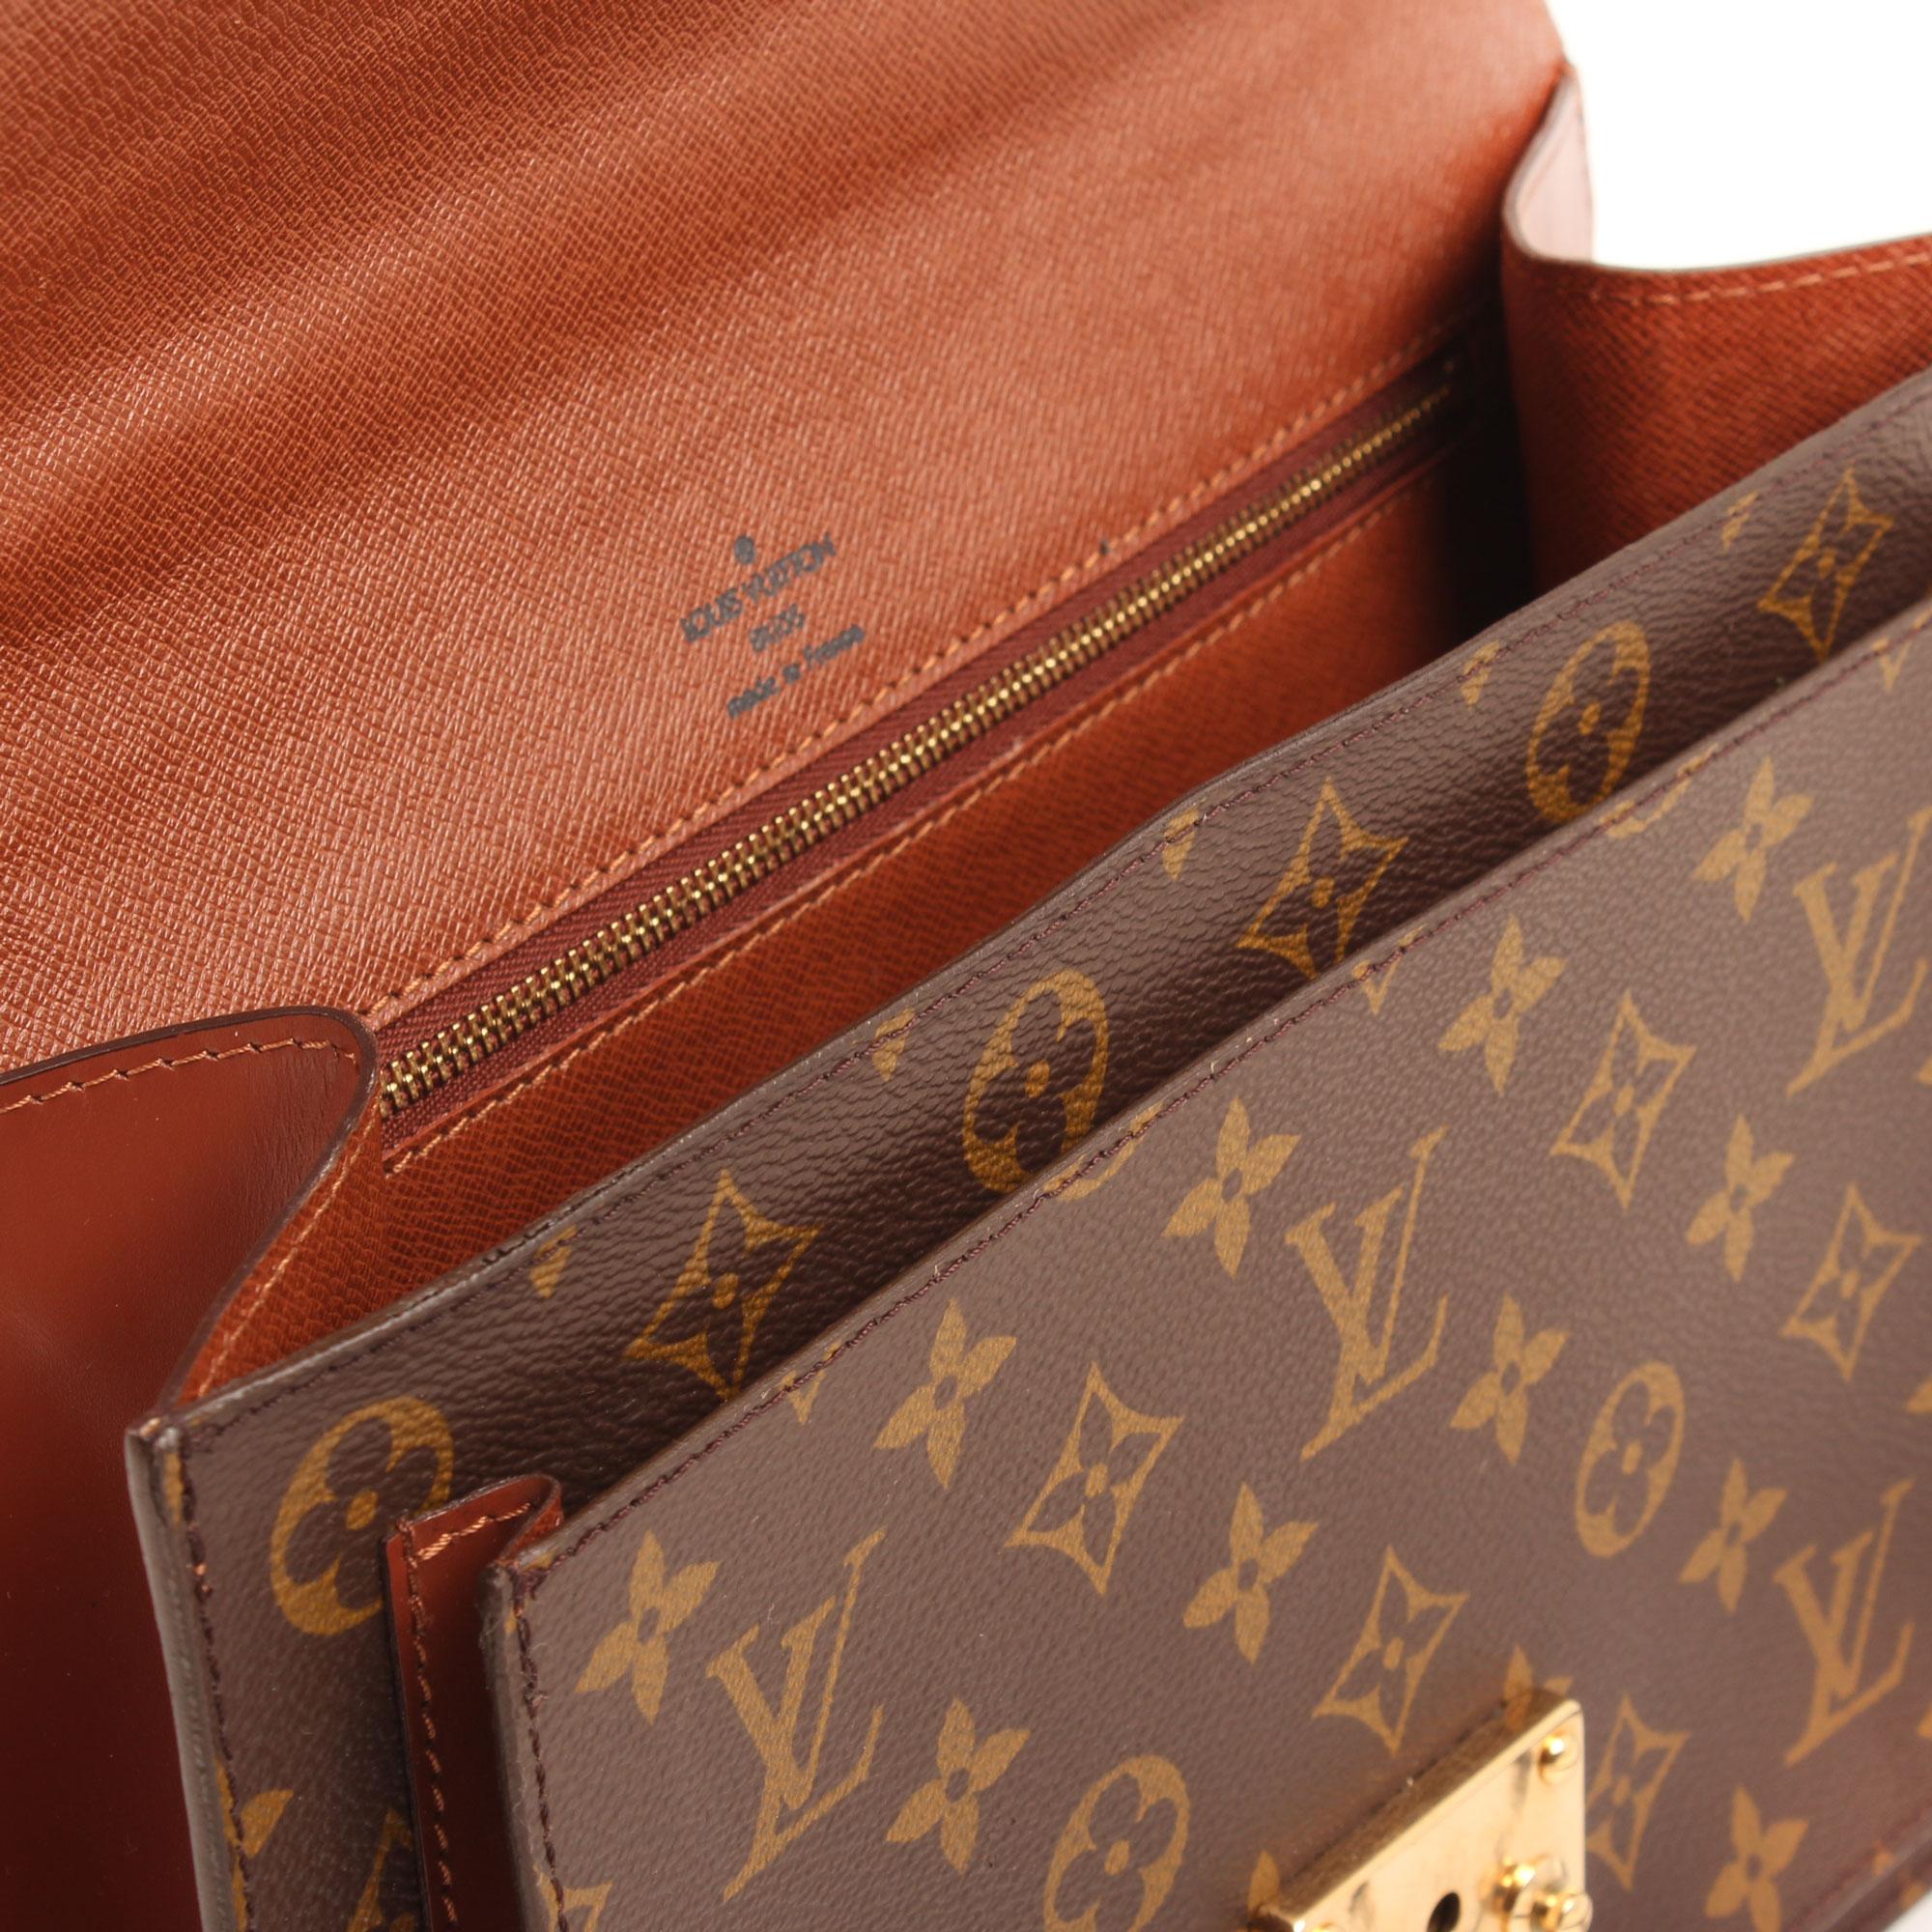 Imagen del interior y de la firma del bolso bandolera louis vuitton monceau 28 monogram